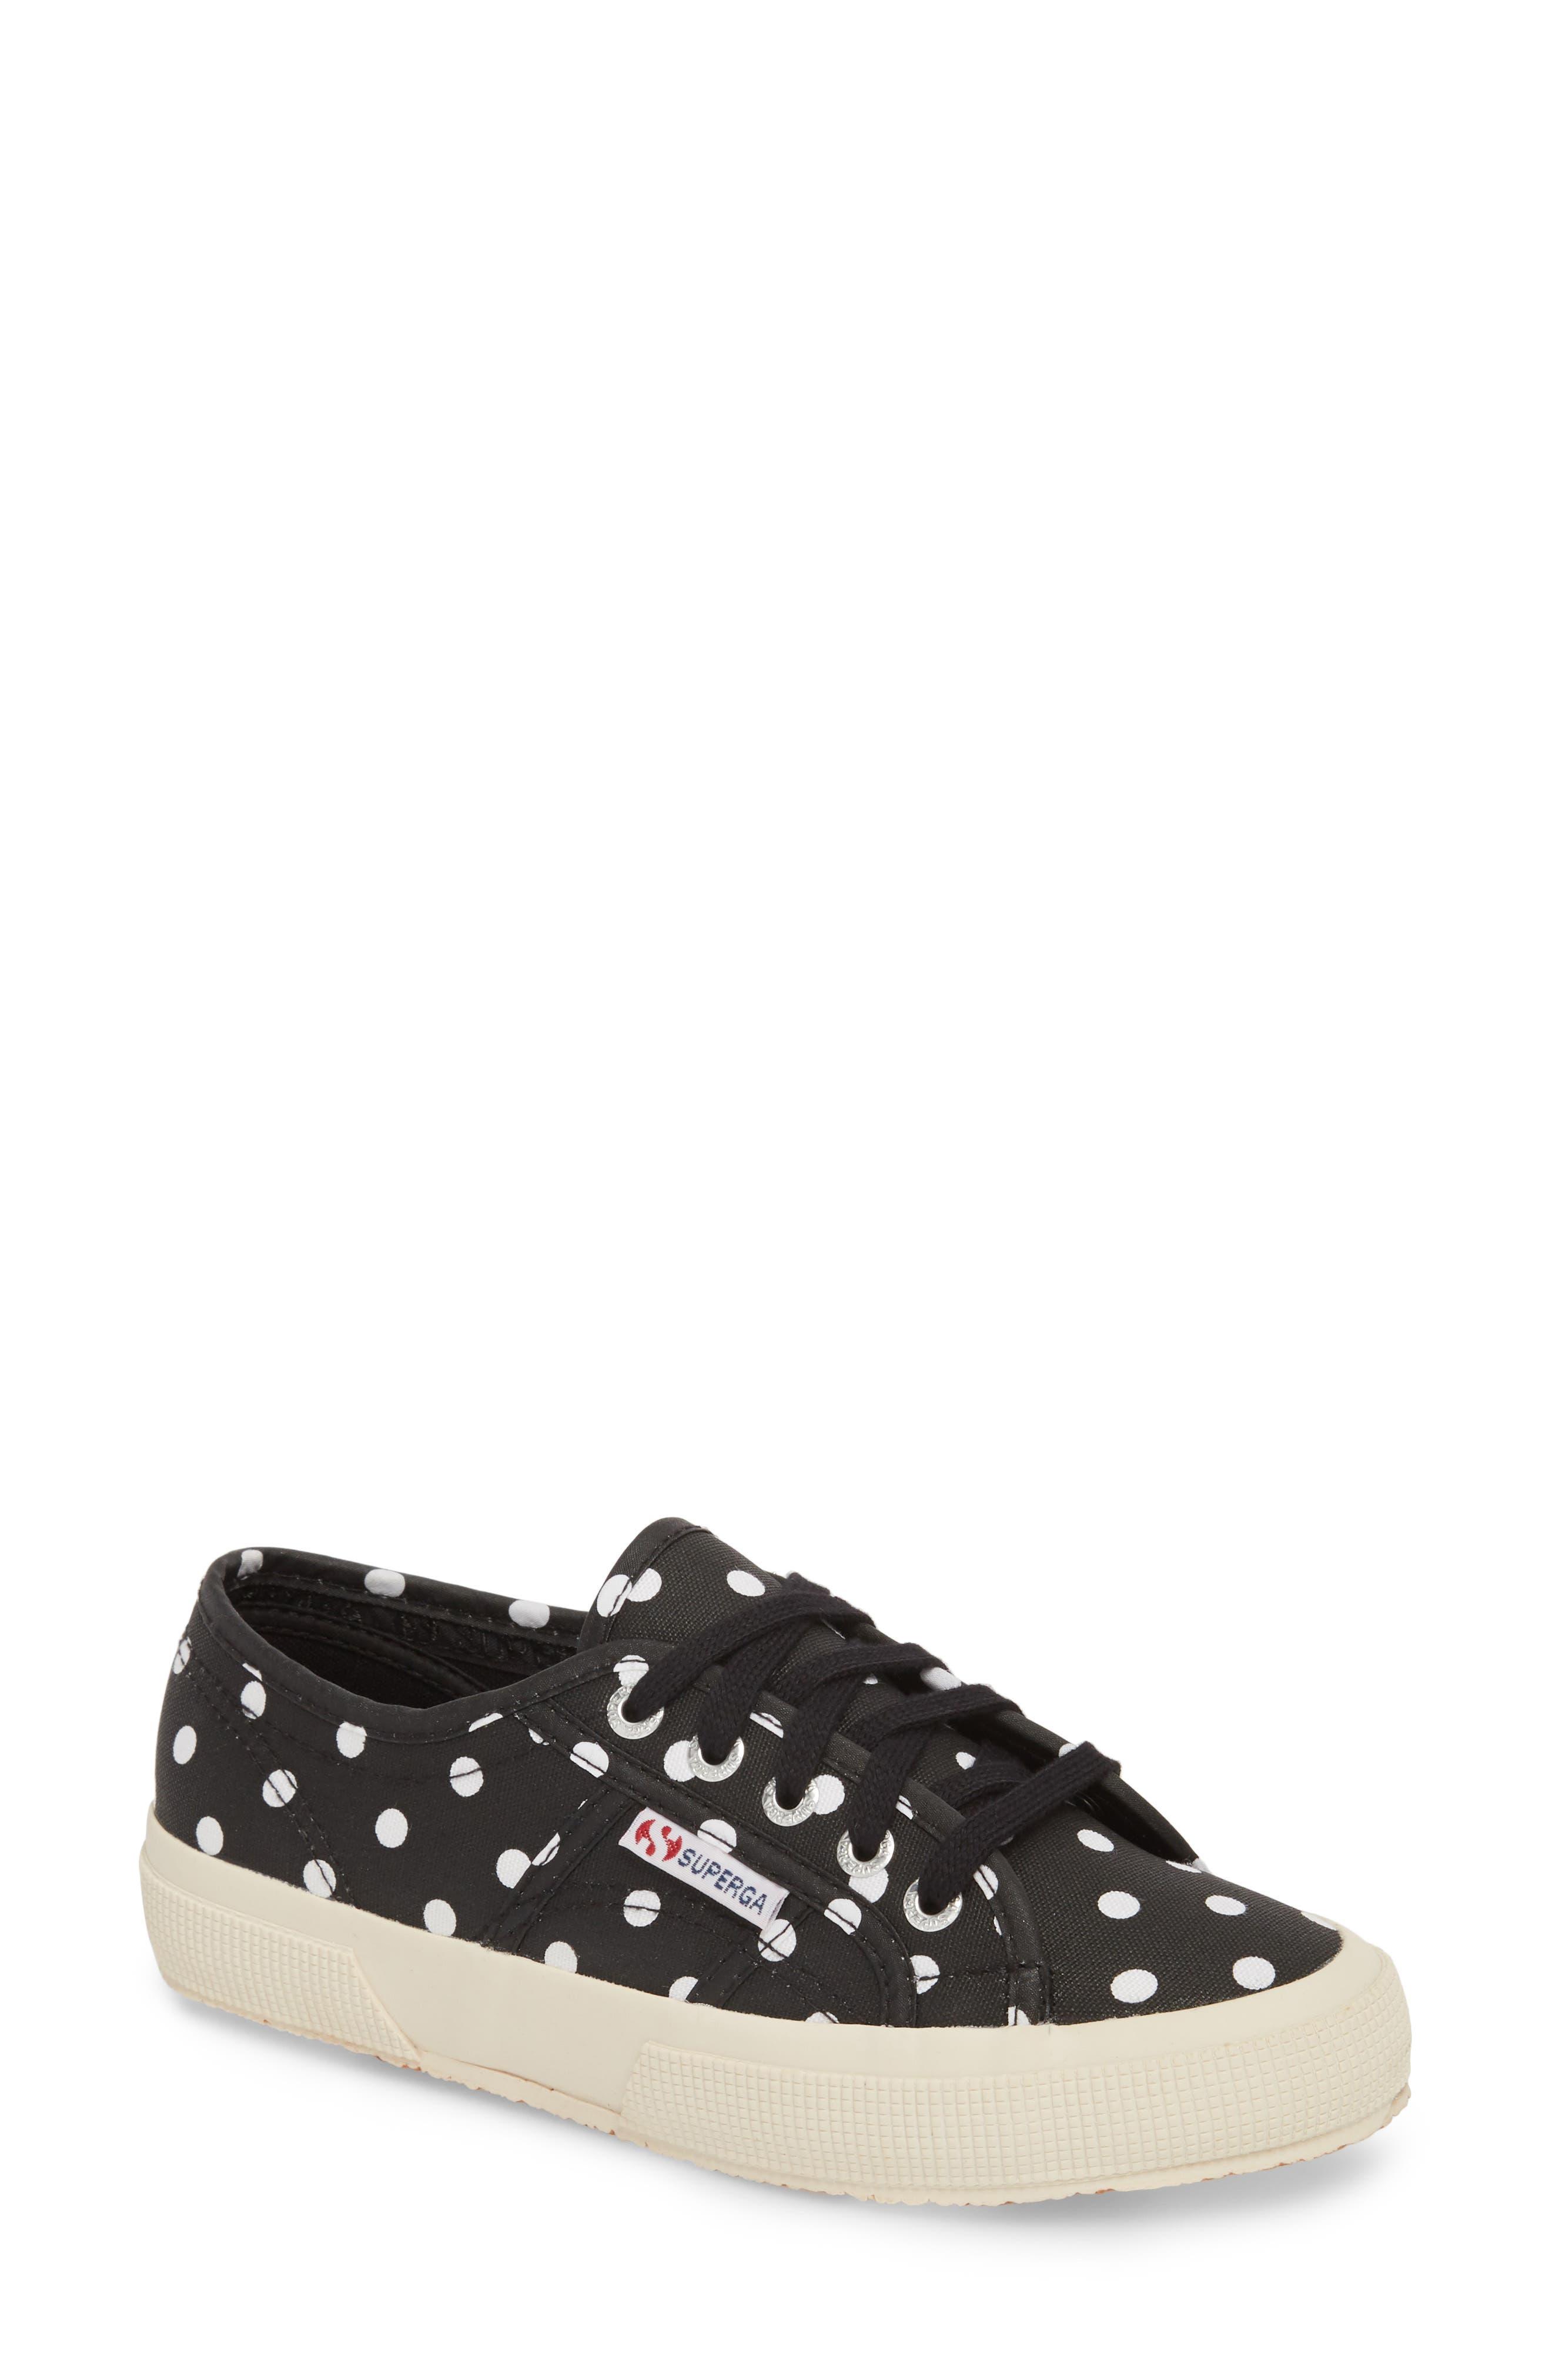 Fantasy Cotu Sneaker,                         Main,                         color, Black Multi